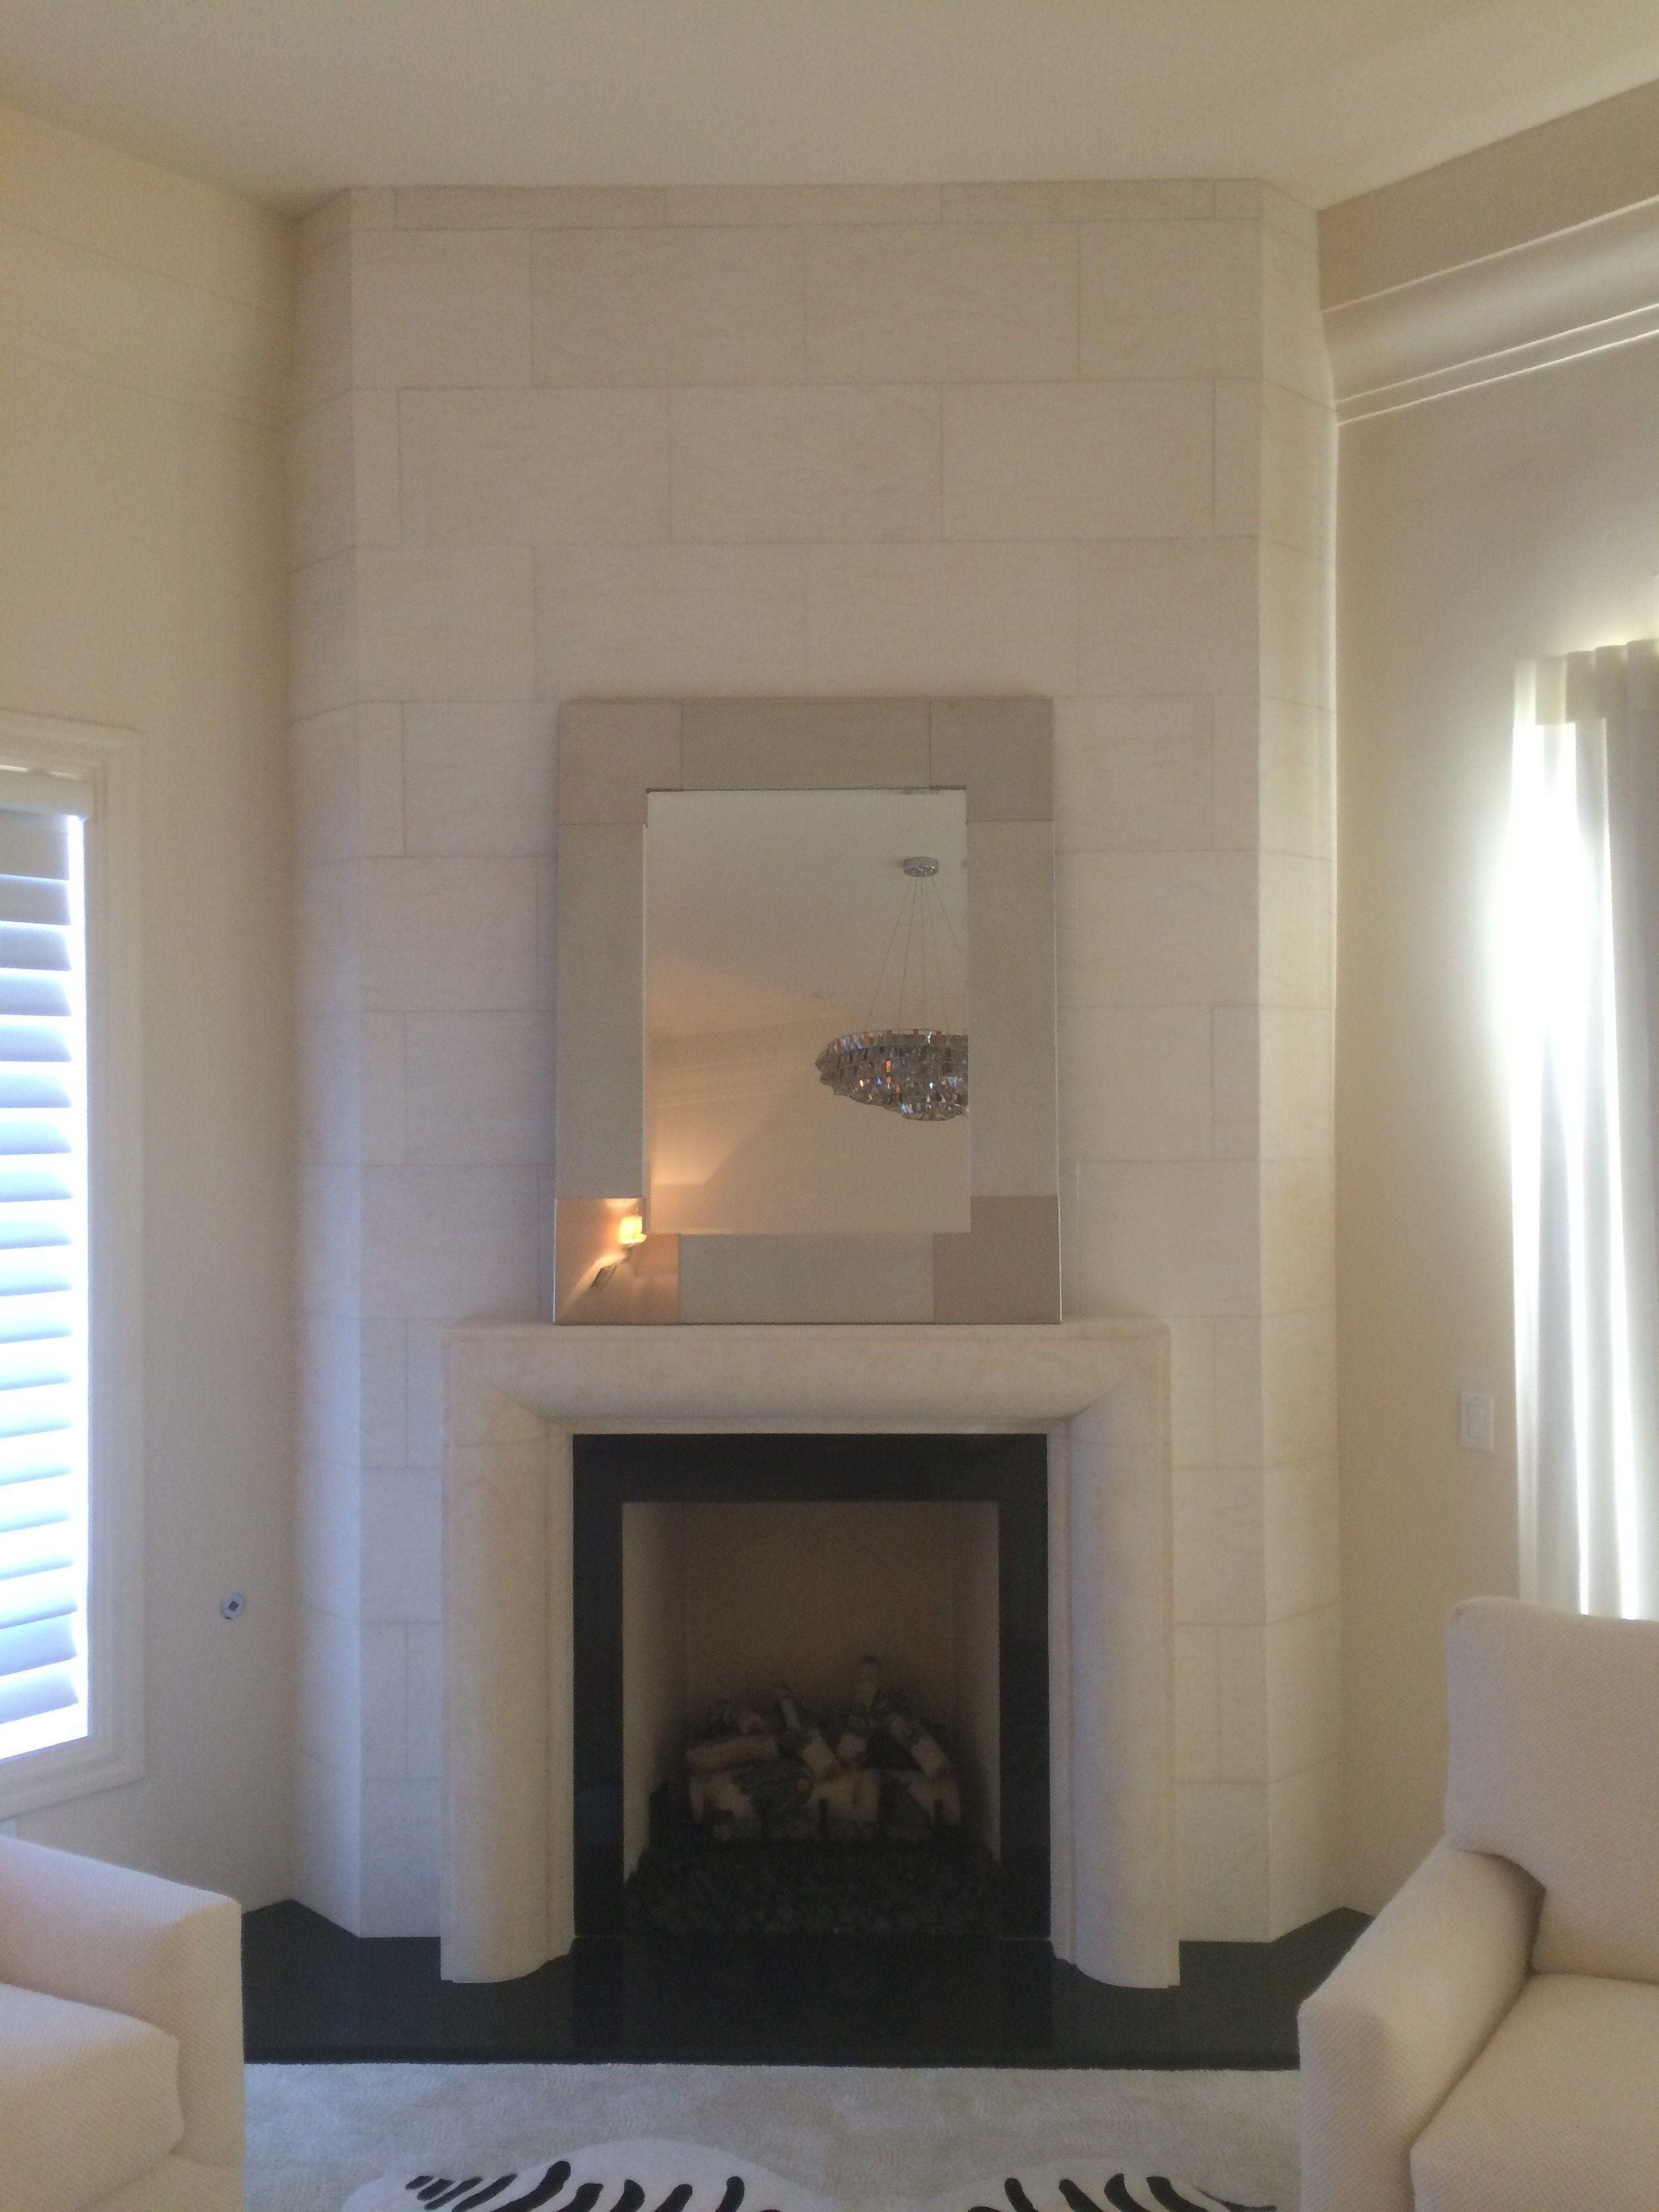 Limestone Fireplace Surrounds - Modern House